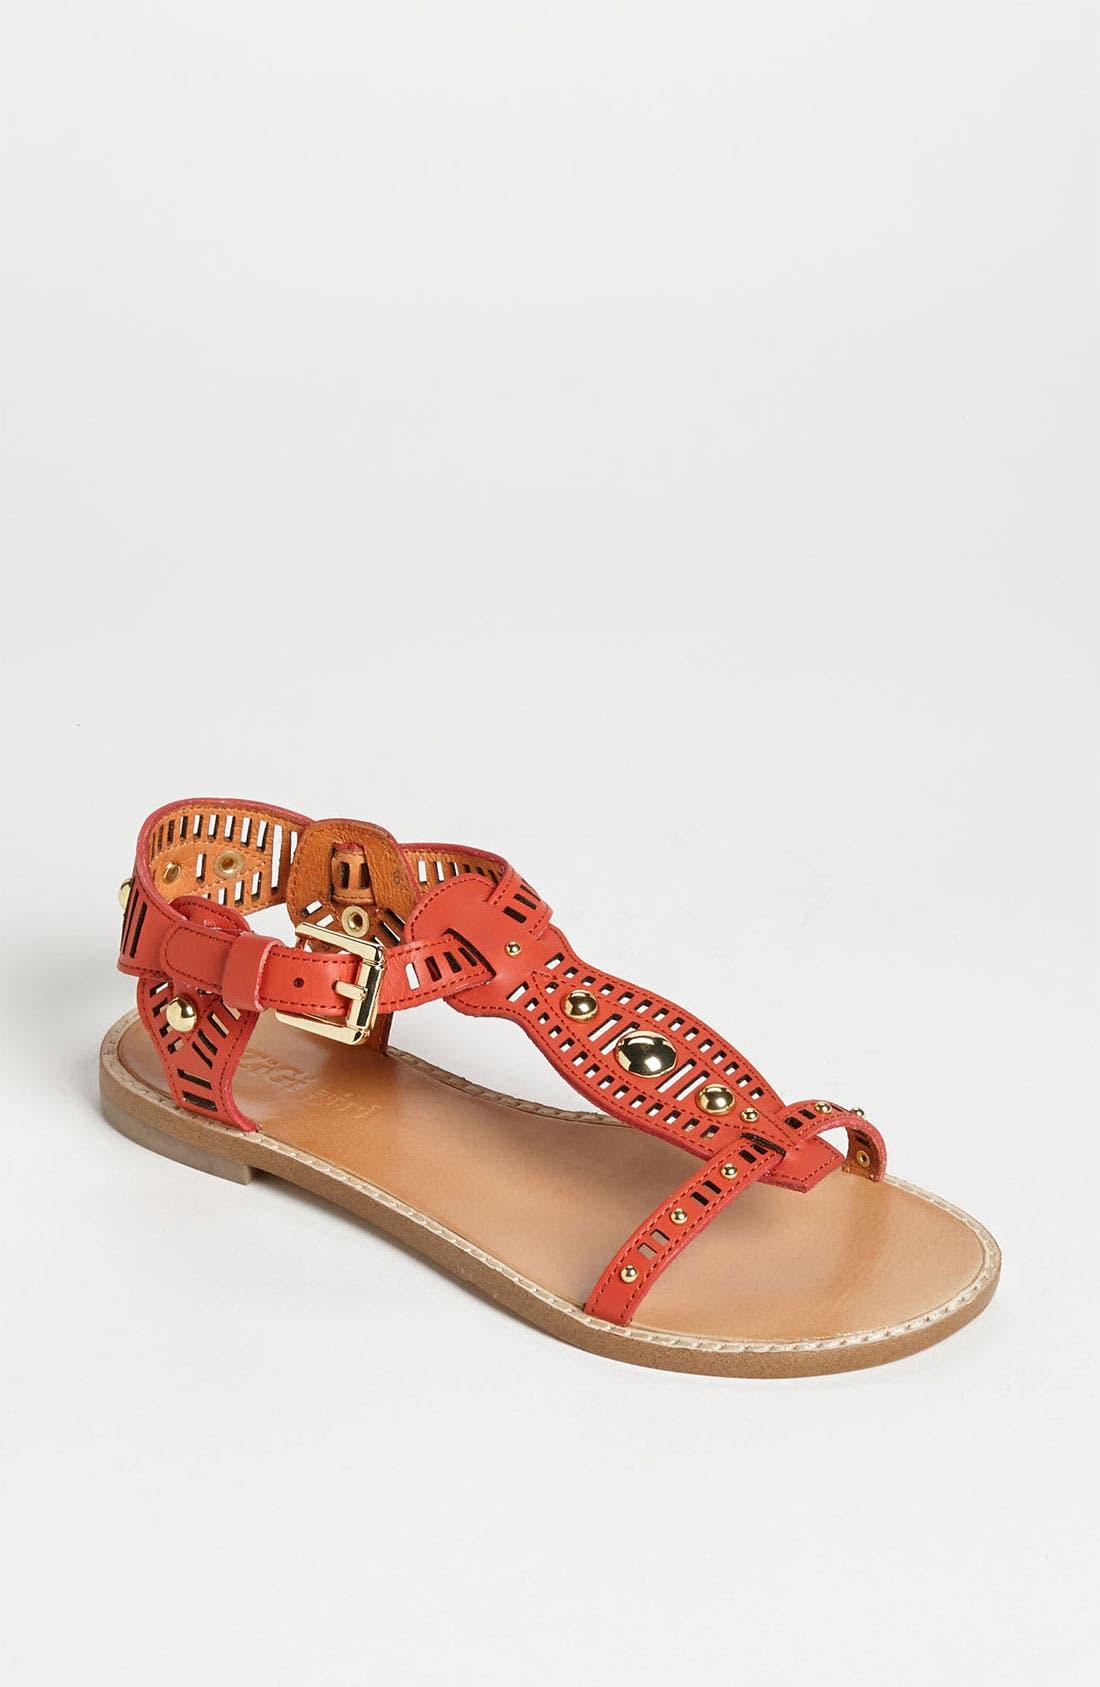 Alternate Image 1 Selected - ZiGi girl 'Elena' Sandal